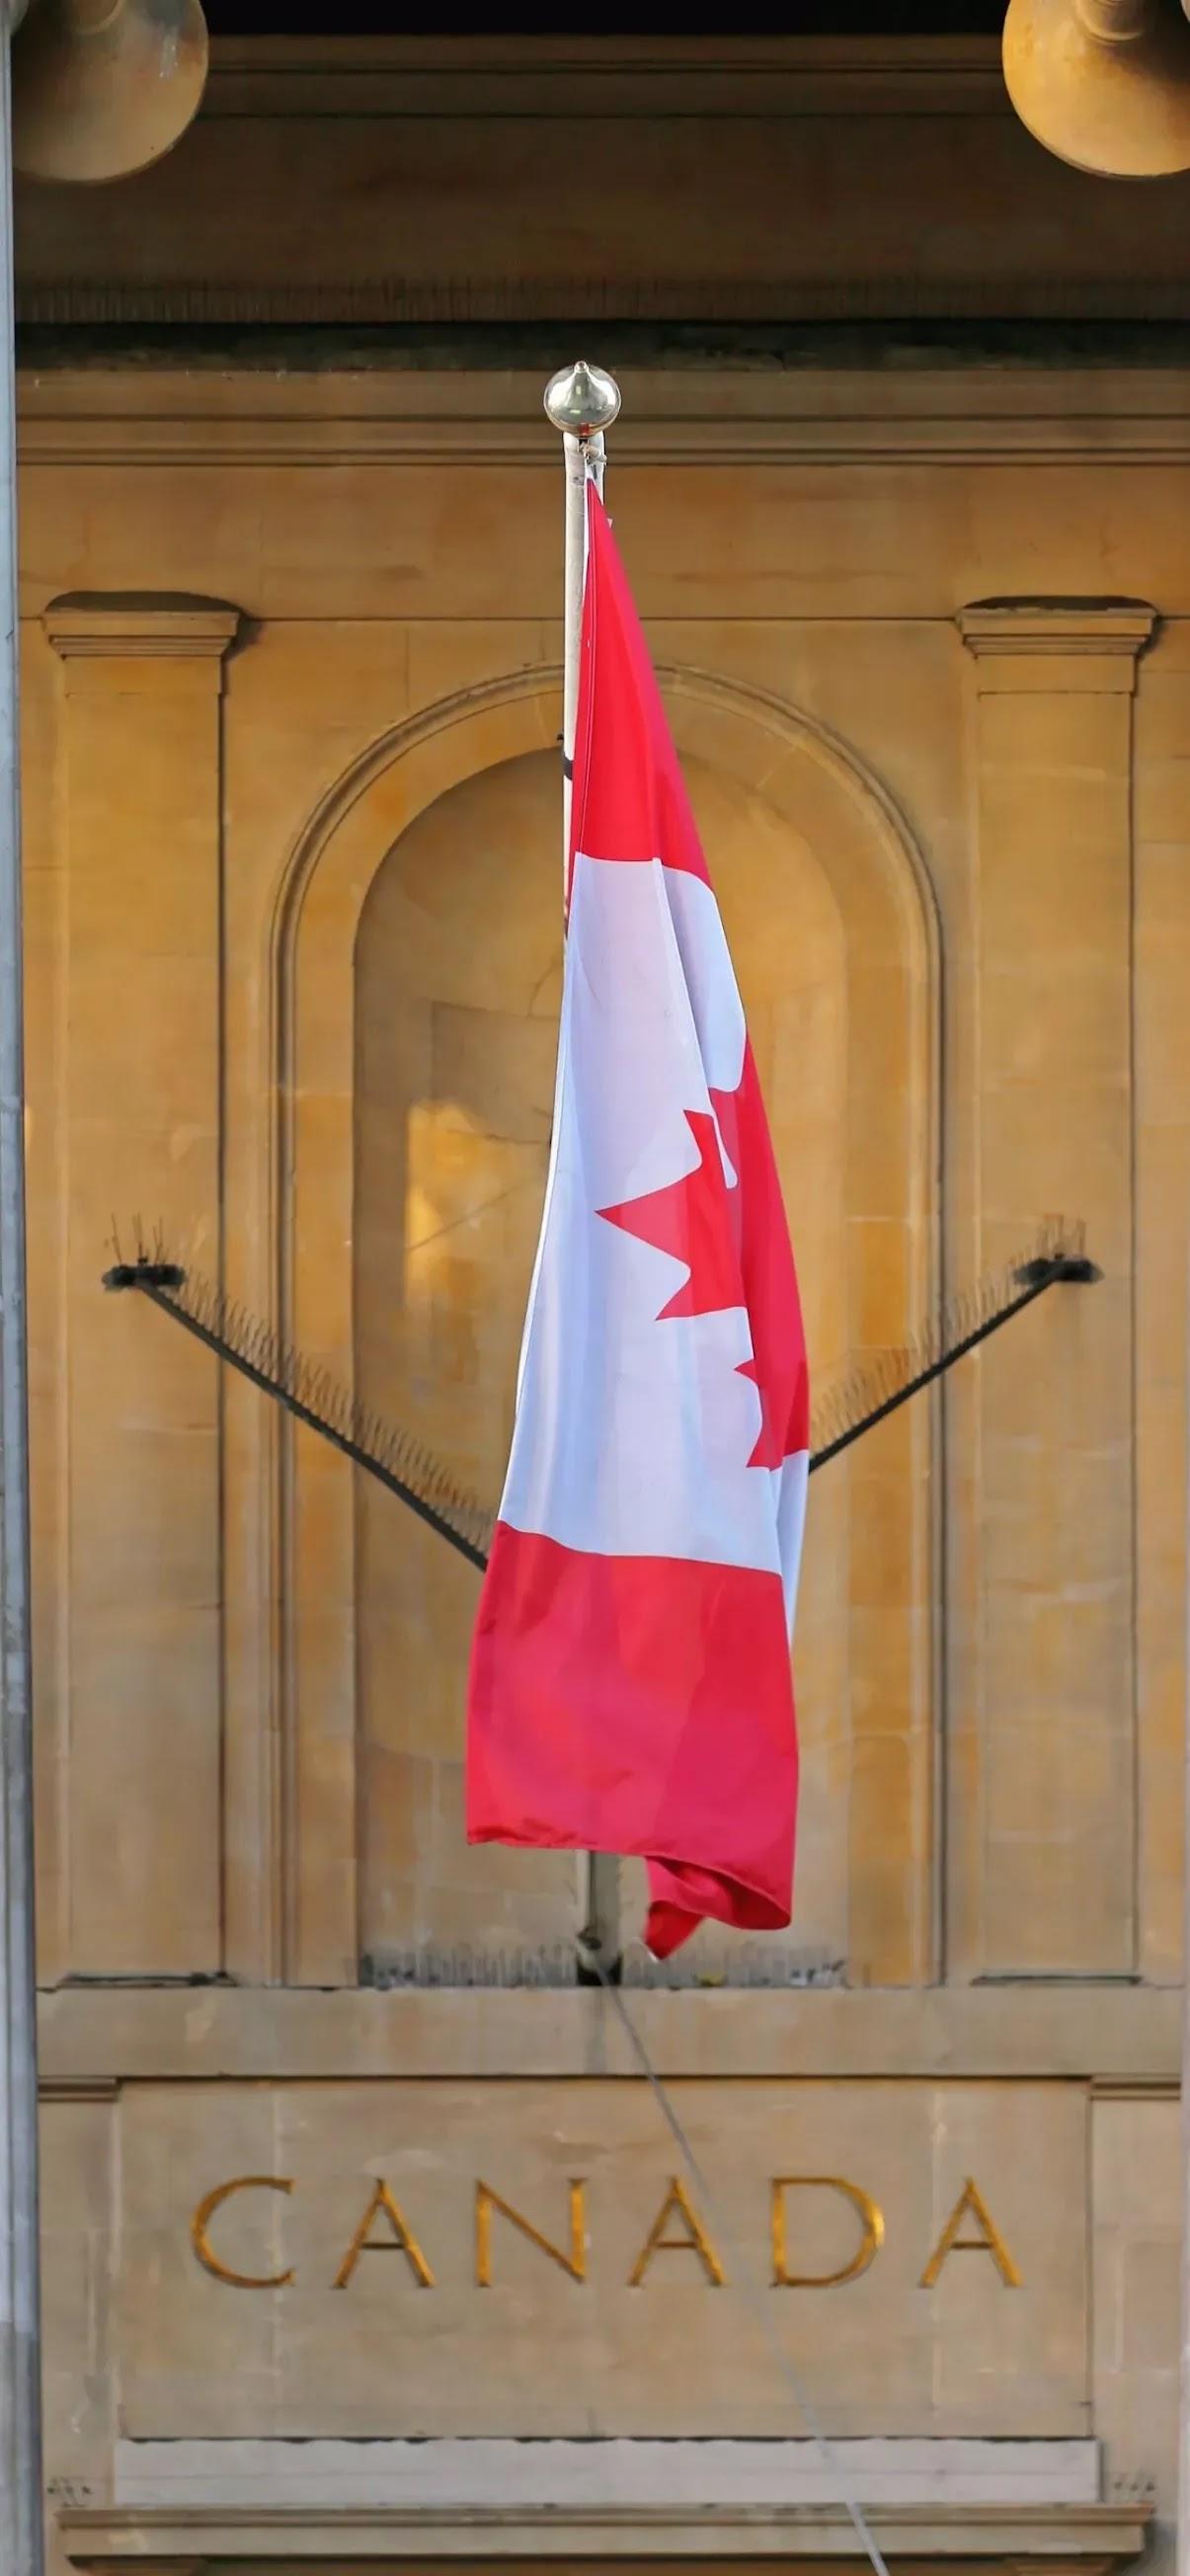 Canada flag 4K wallpaper for mobile